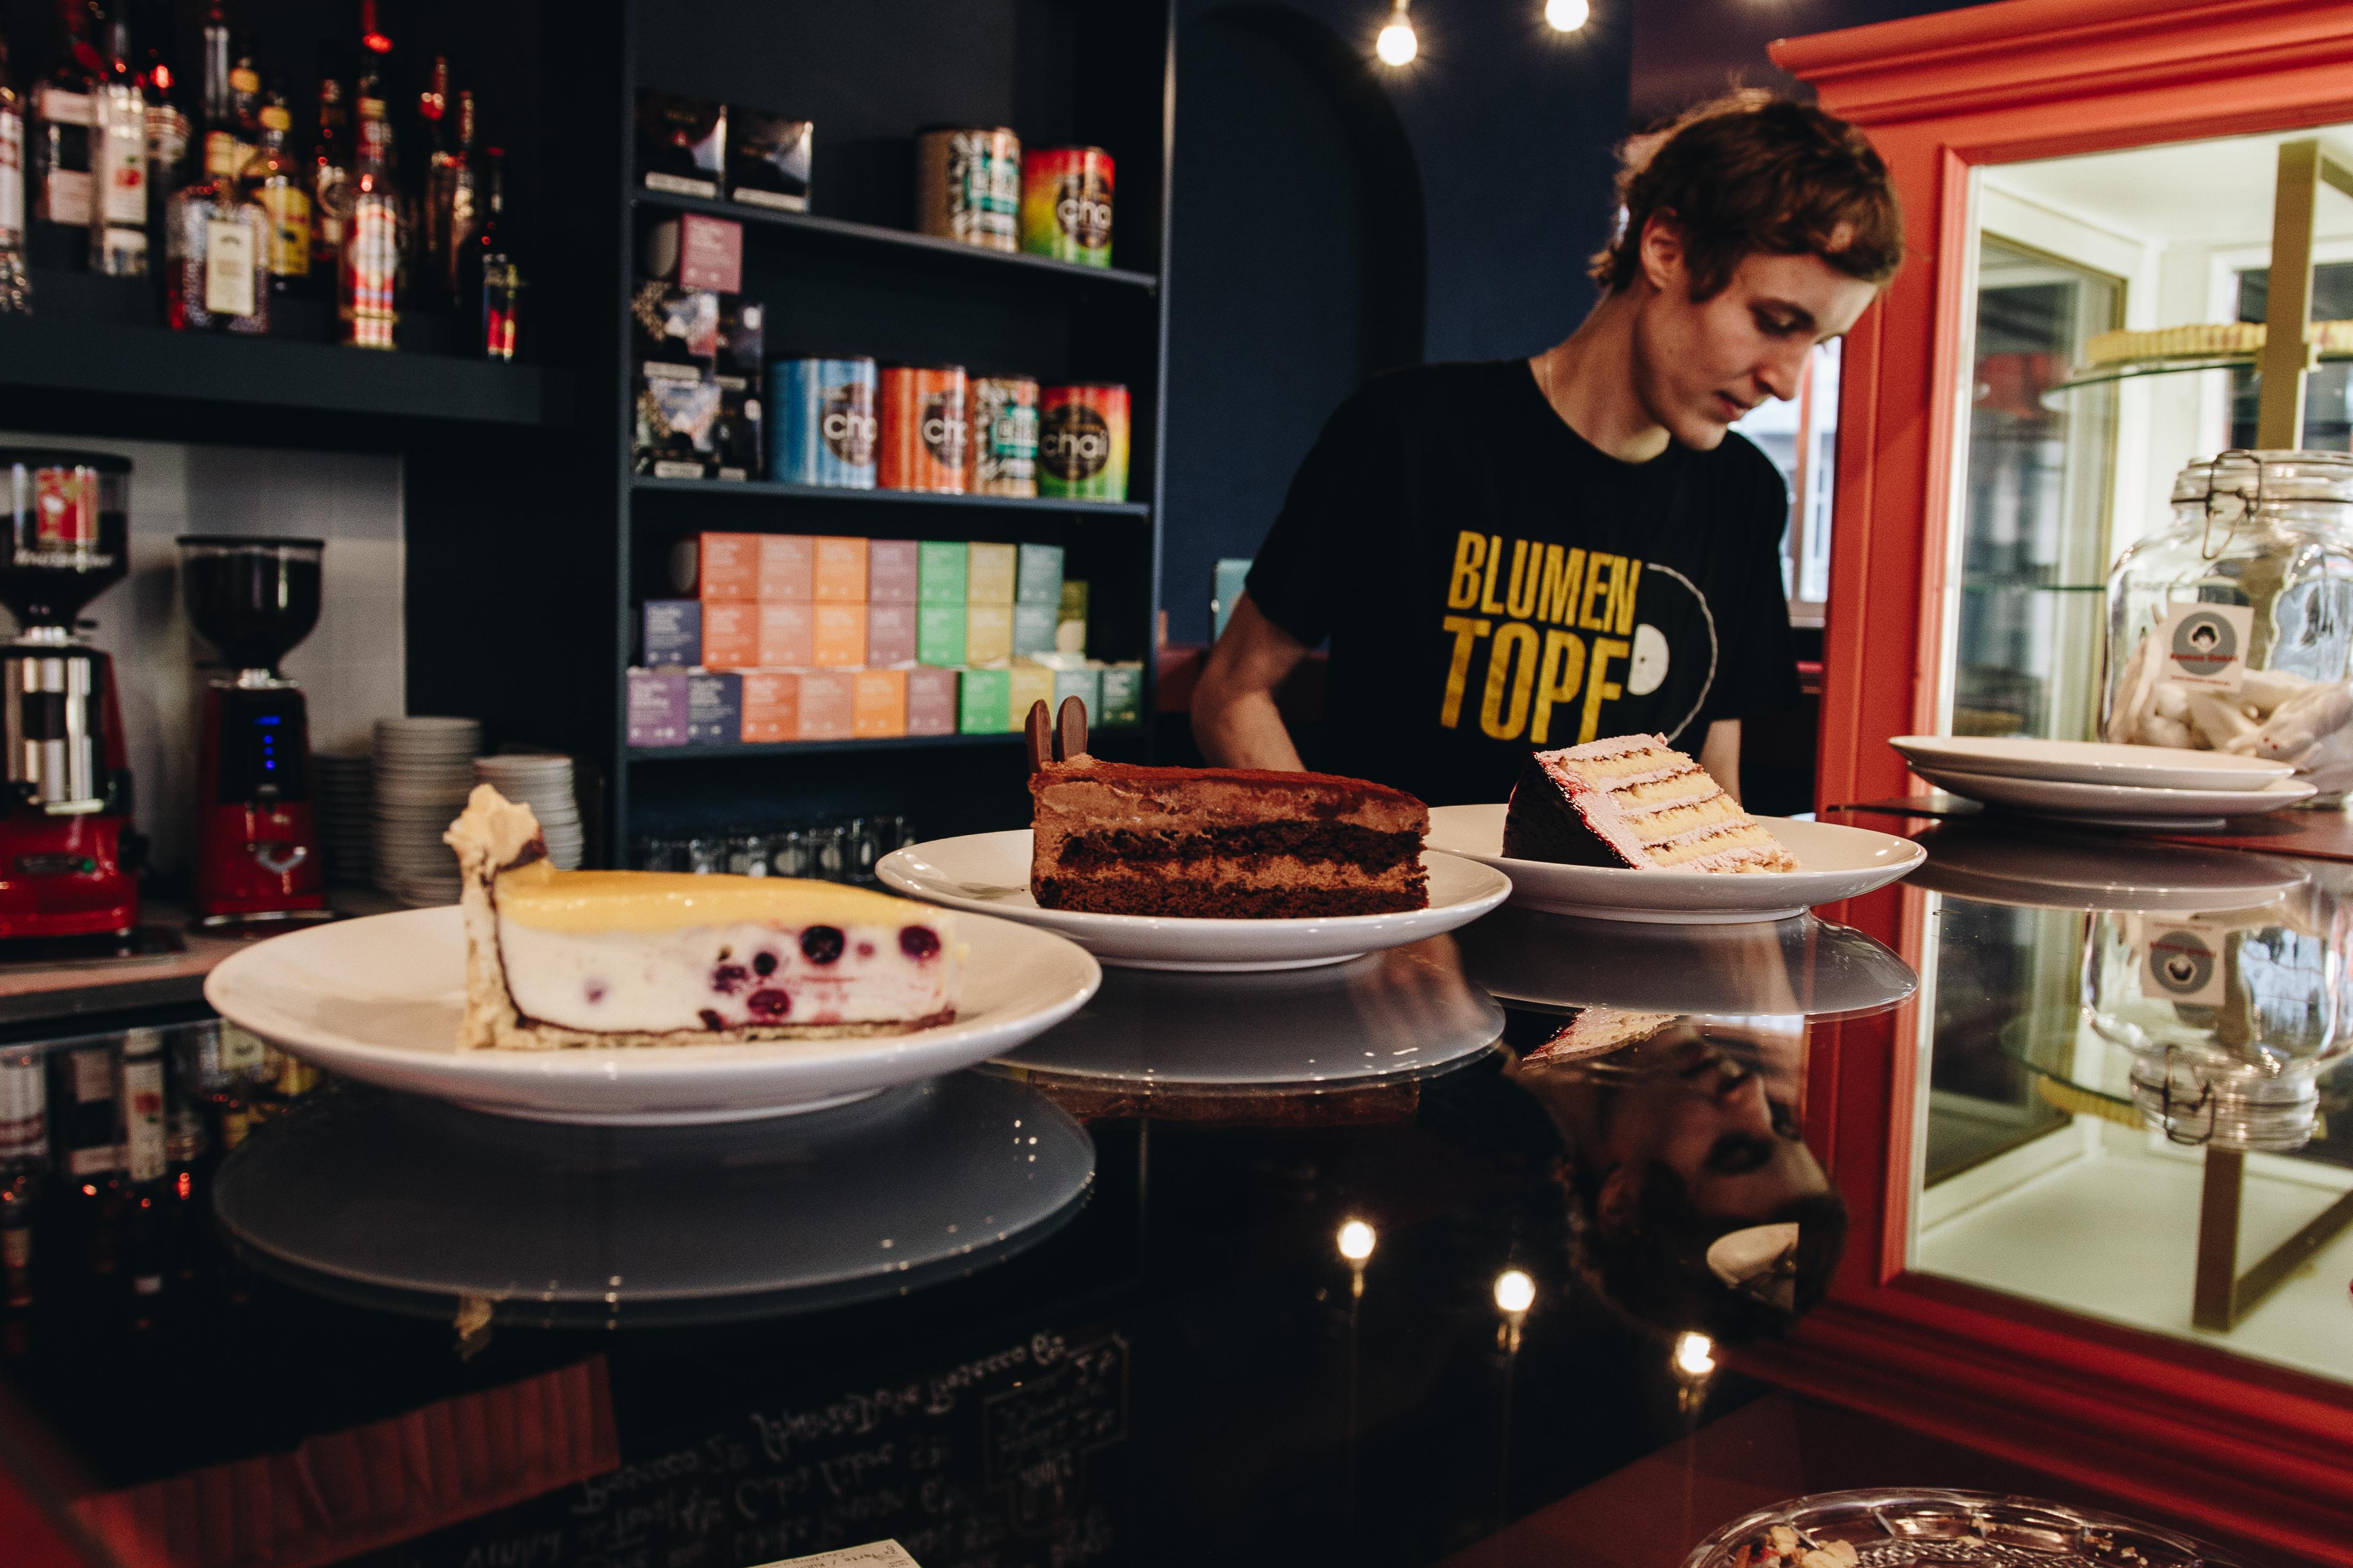 emmas onkel-chemnitz-café-kuchen-annabelle sagt24